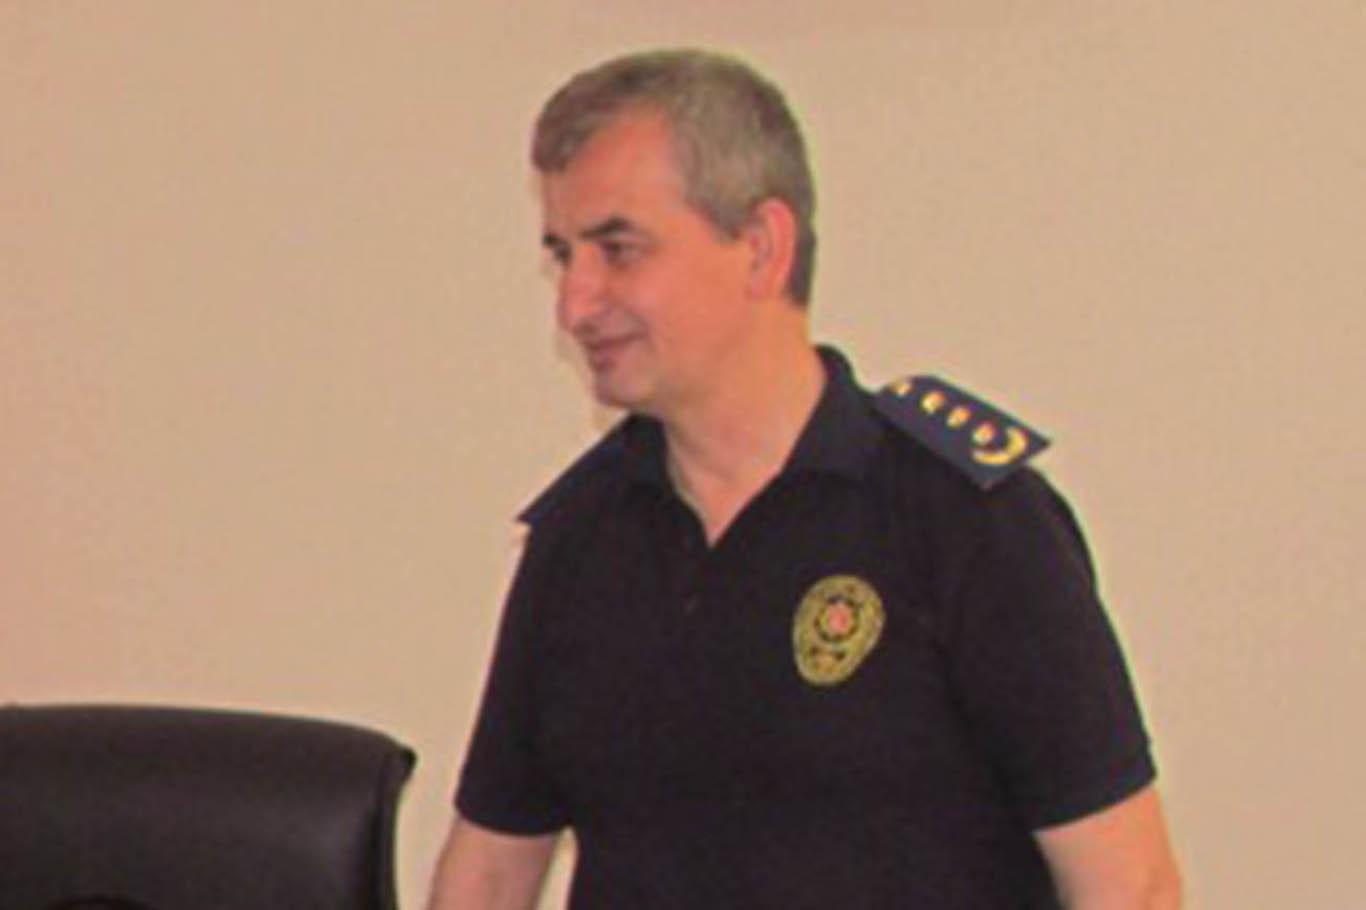 Flaş gelişme! Urfa'da o emniyet müdürü gözaltına alındı